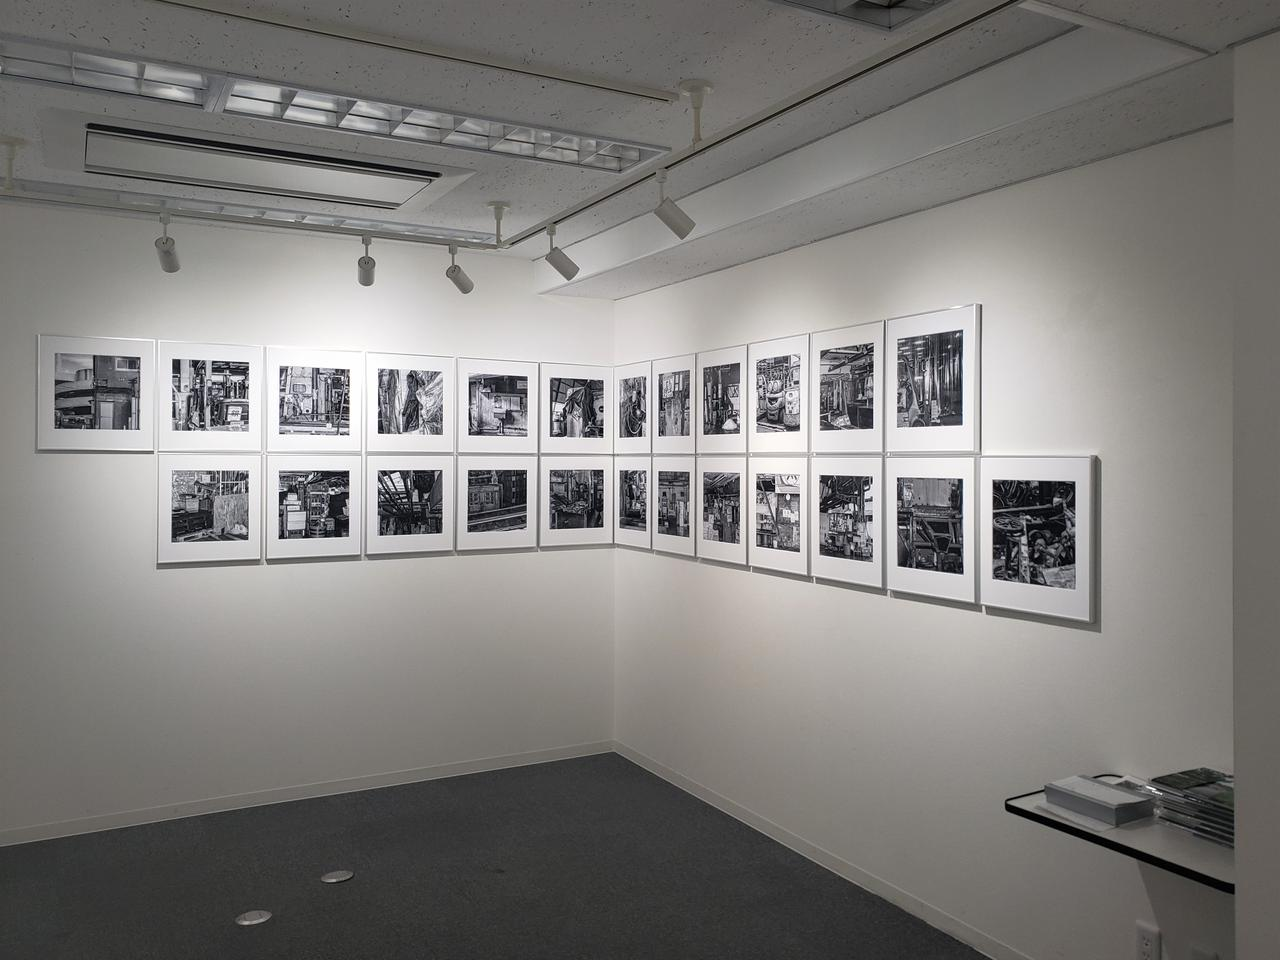 画像: 会場風景より。本展は石田さんの最新作であり、2018年10月6日に閉場した築地市場の内部を撮影したモノクロ作品39点が展示されています。